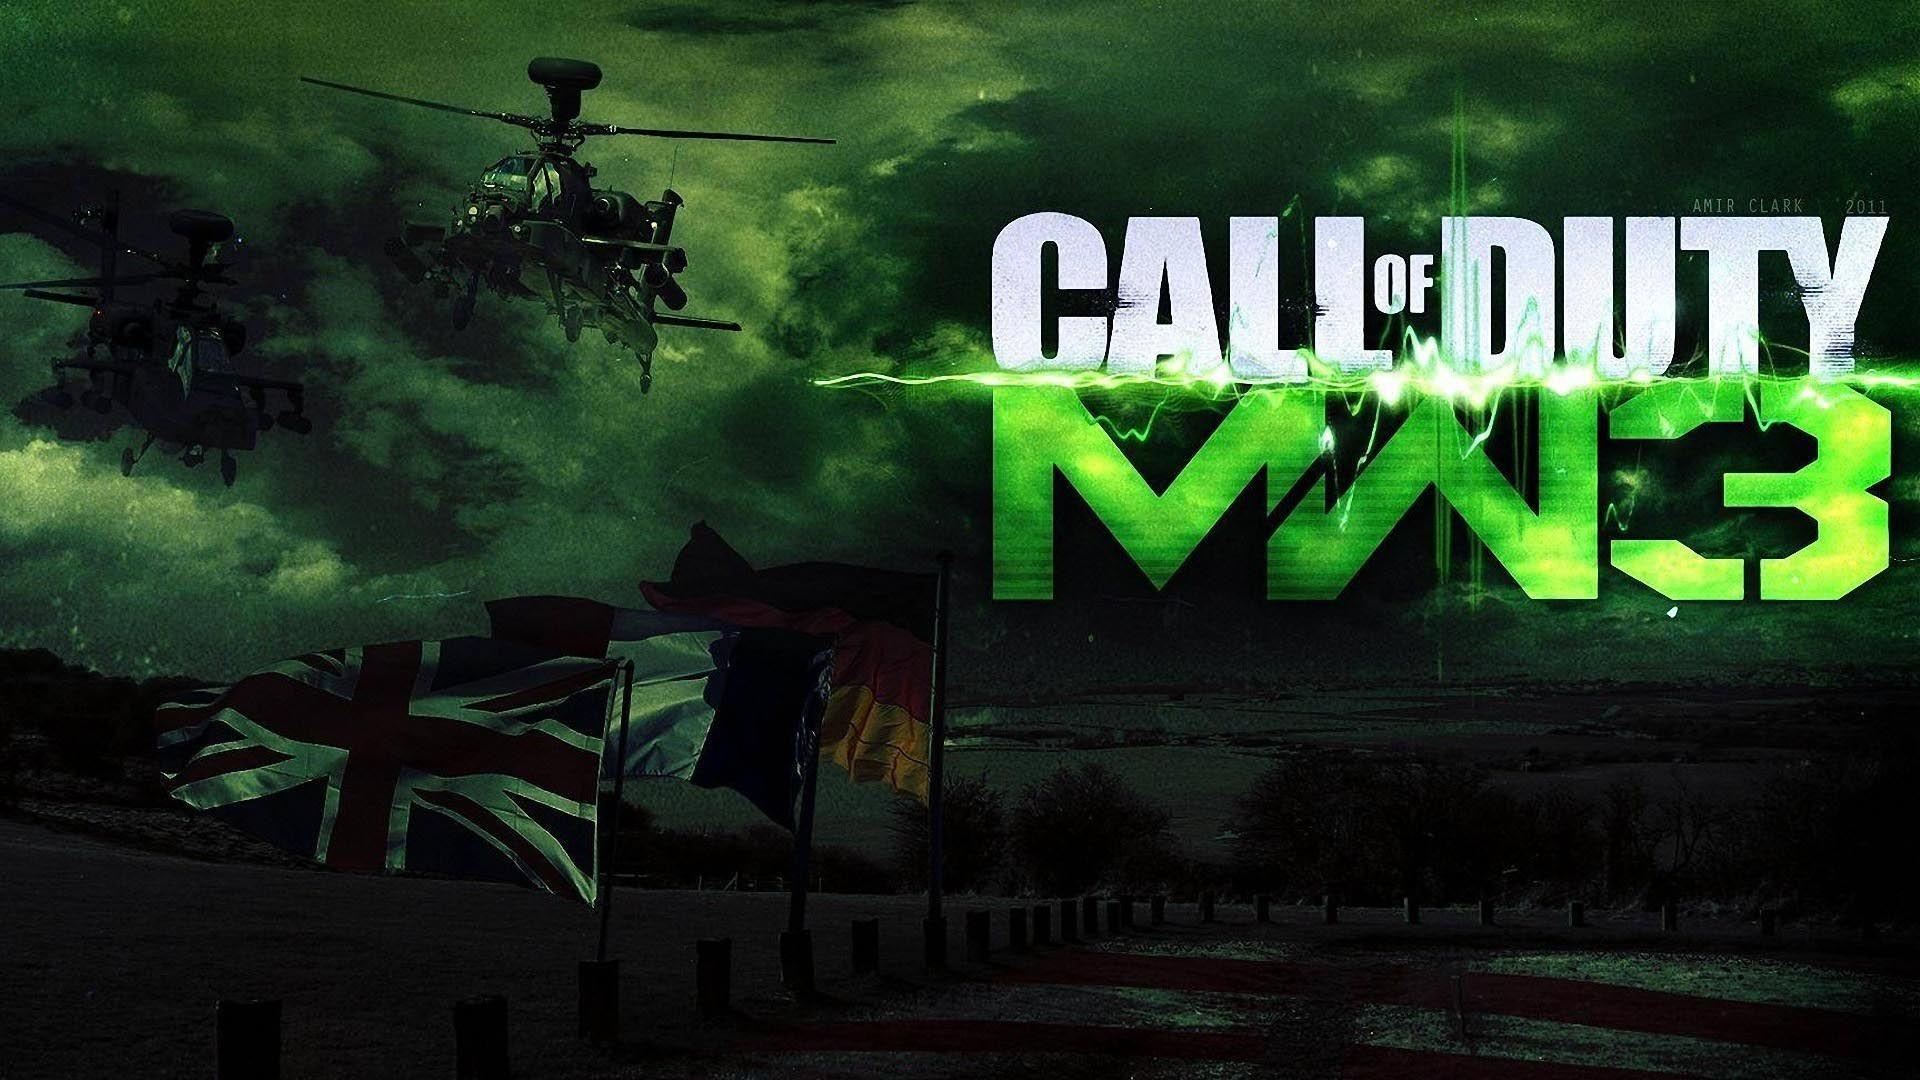 Call Of Duty Wallpaper 1080p 1920 1080 121289 HD Wallpaper Res .